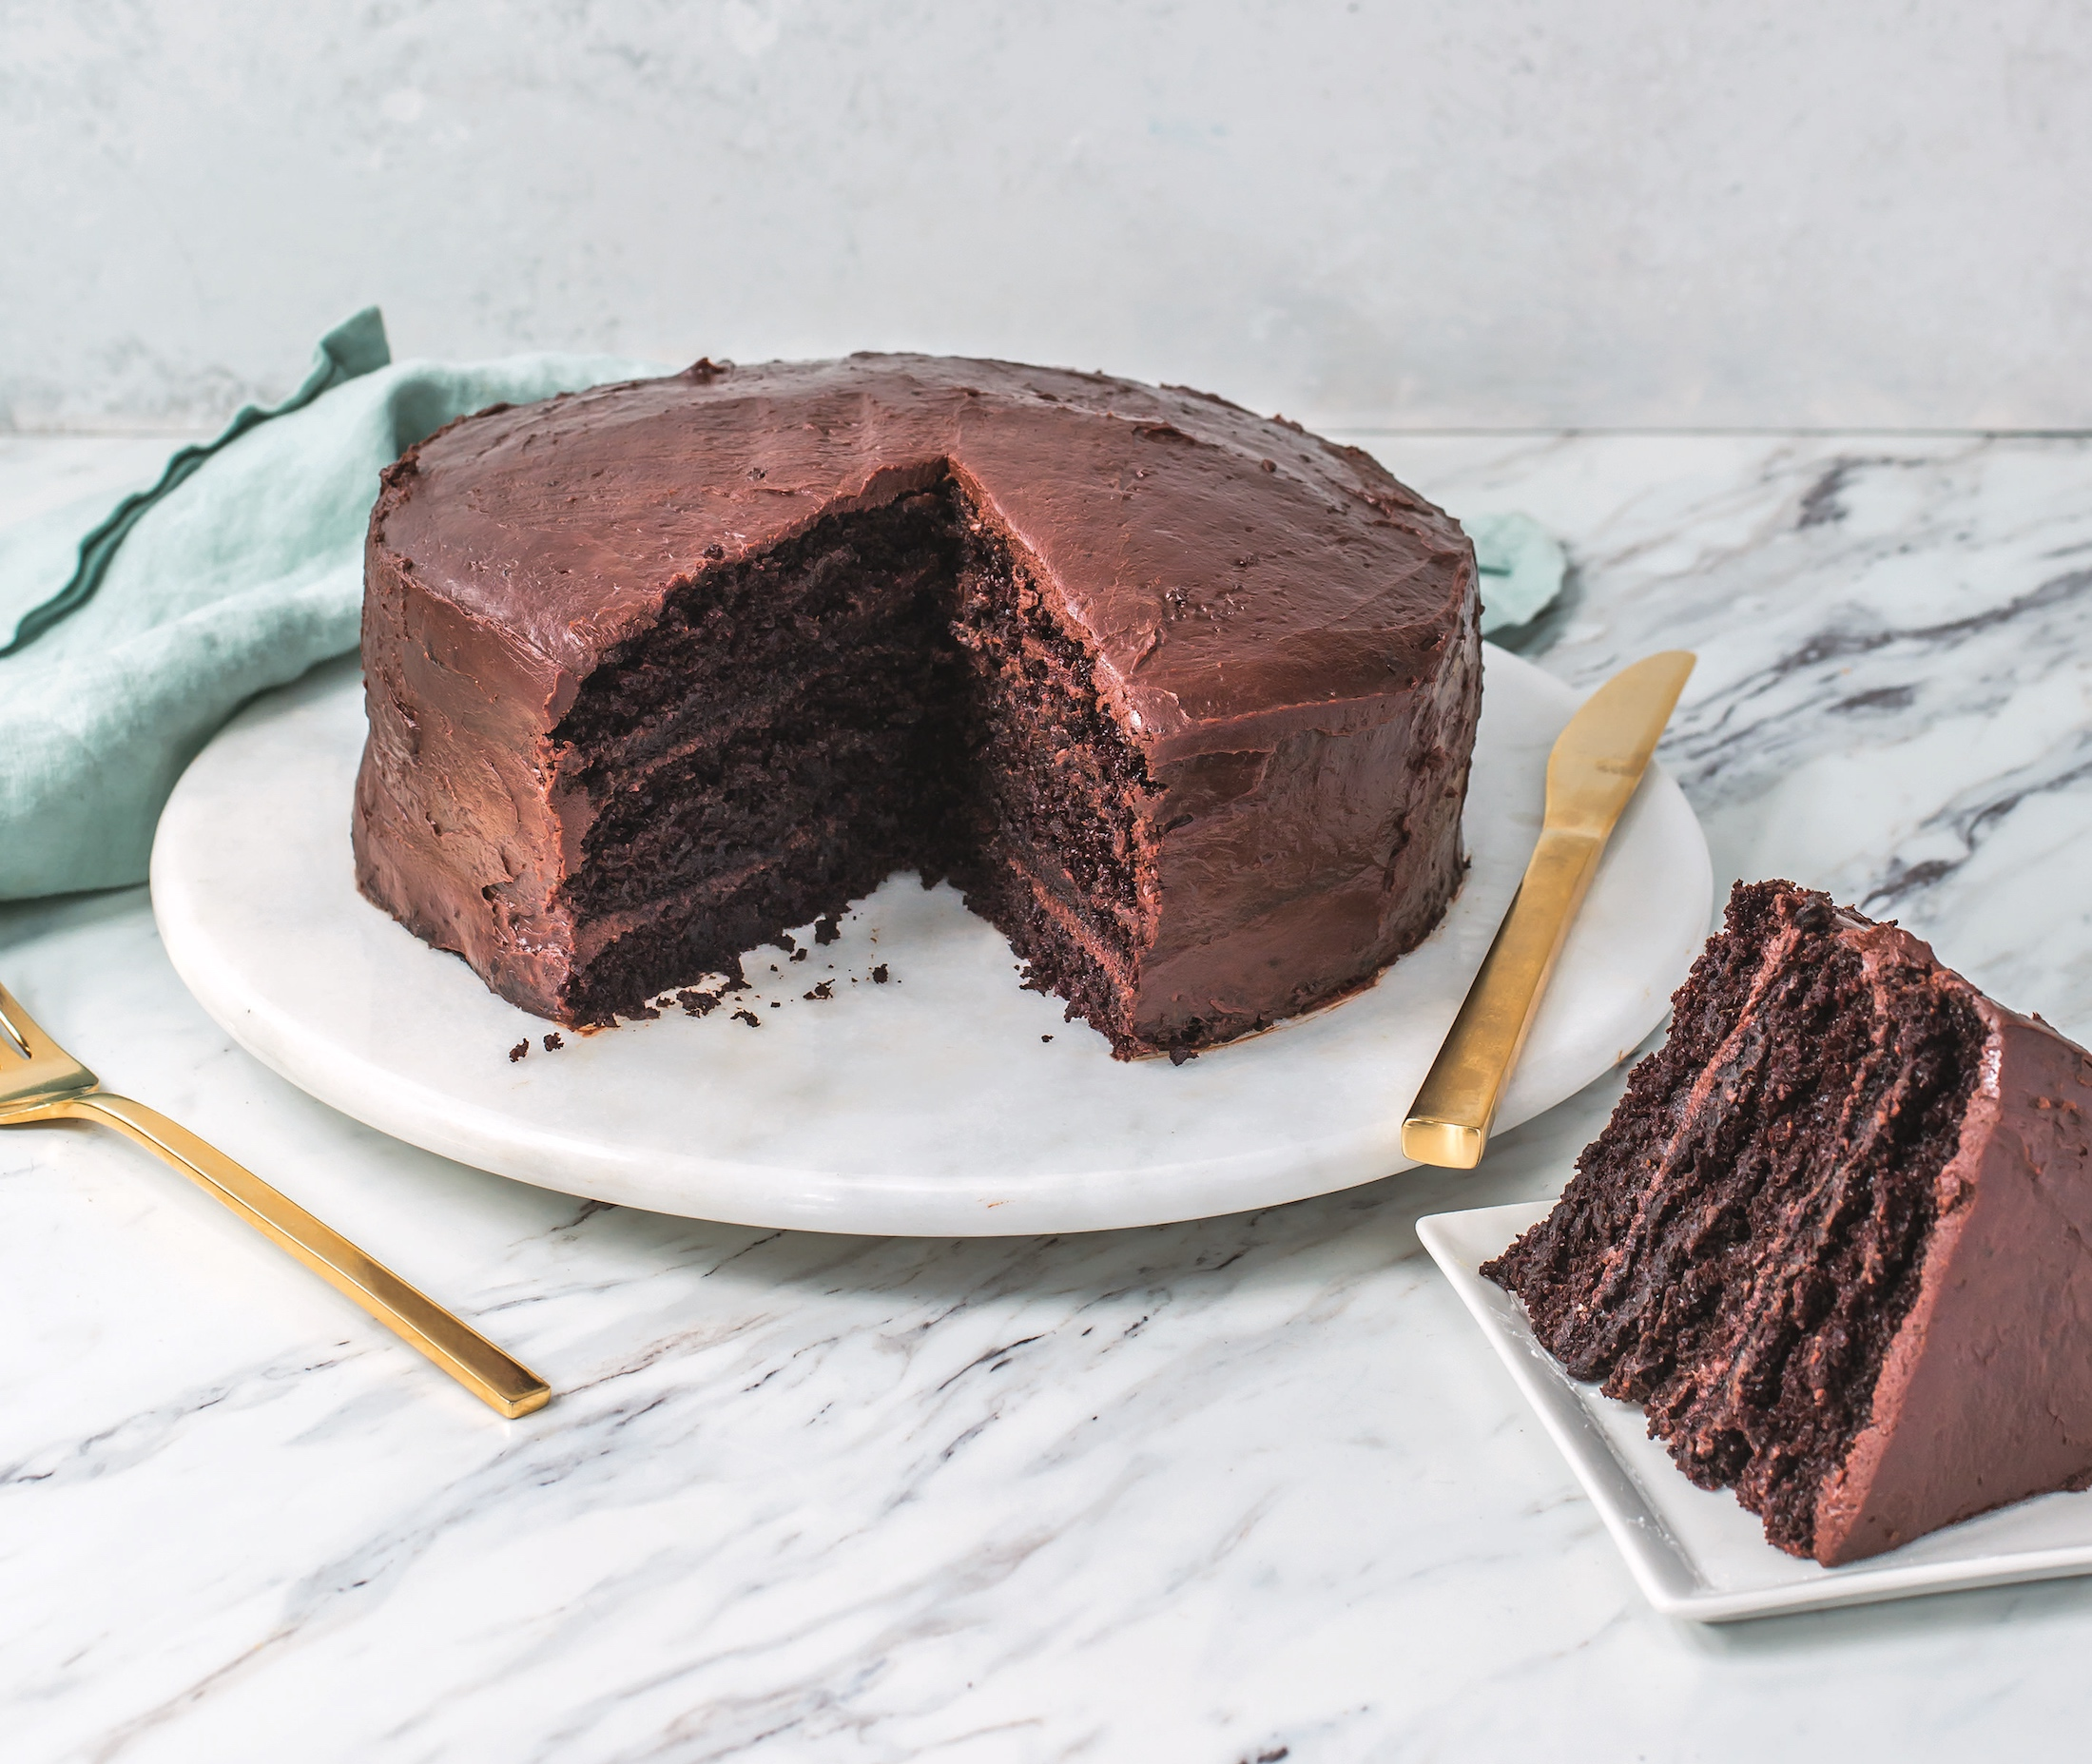 Chocolate Cake Chili Powder